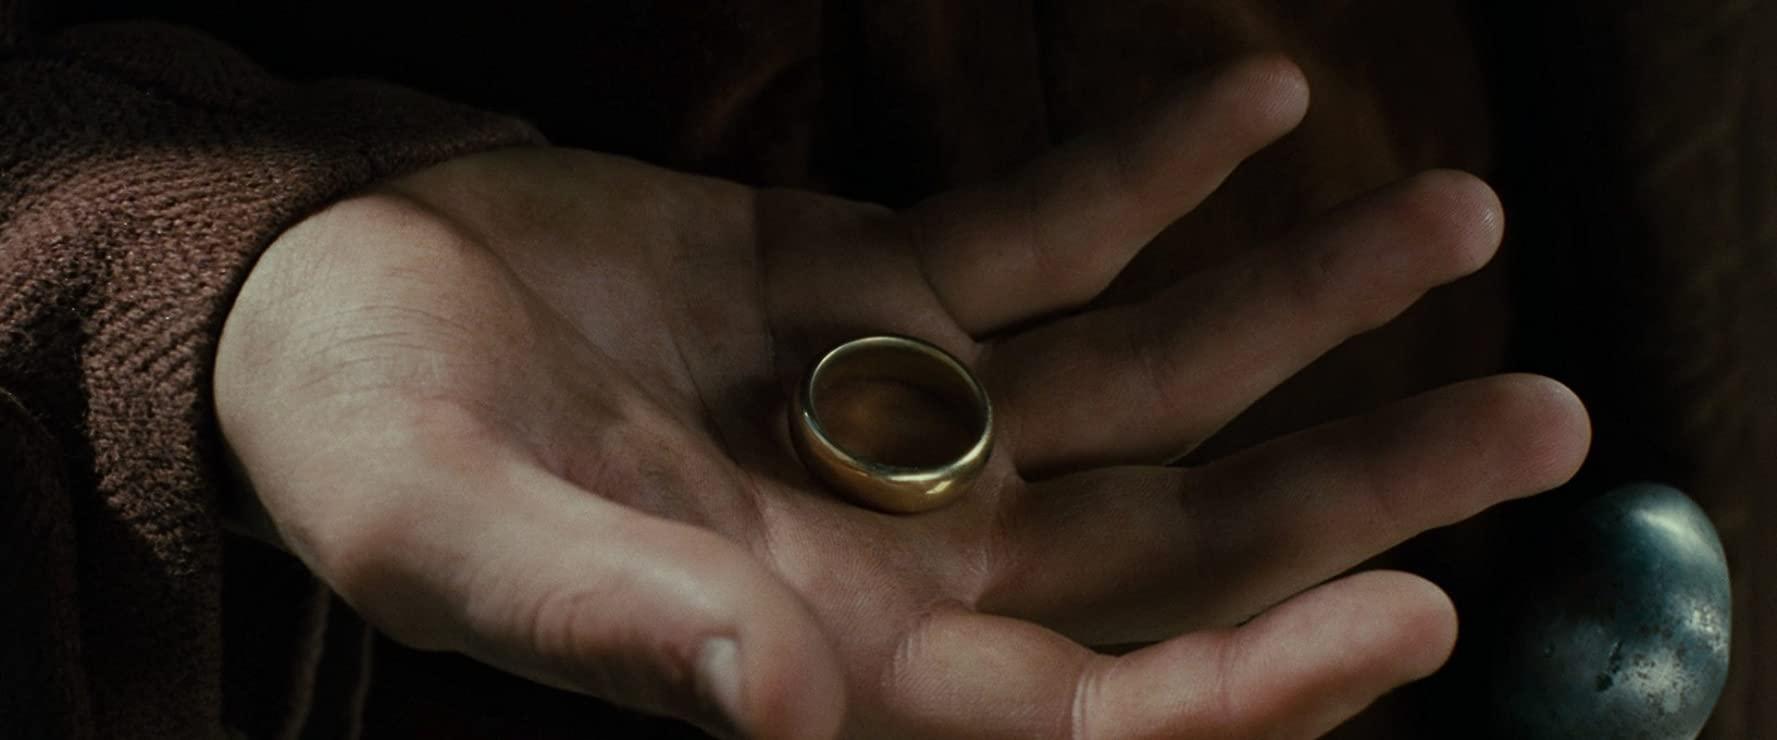 Władca pierścieni - Peter Mullan,  Augustus Prew i Cynthia Addai-Robinson w obsadzie serialu. Kto jeszcze?